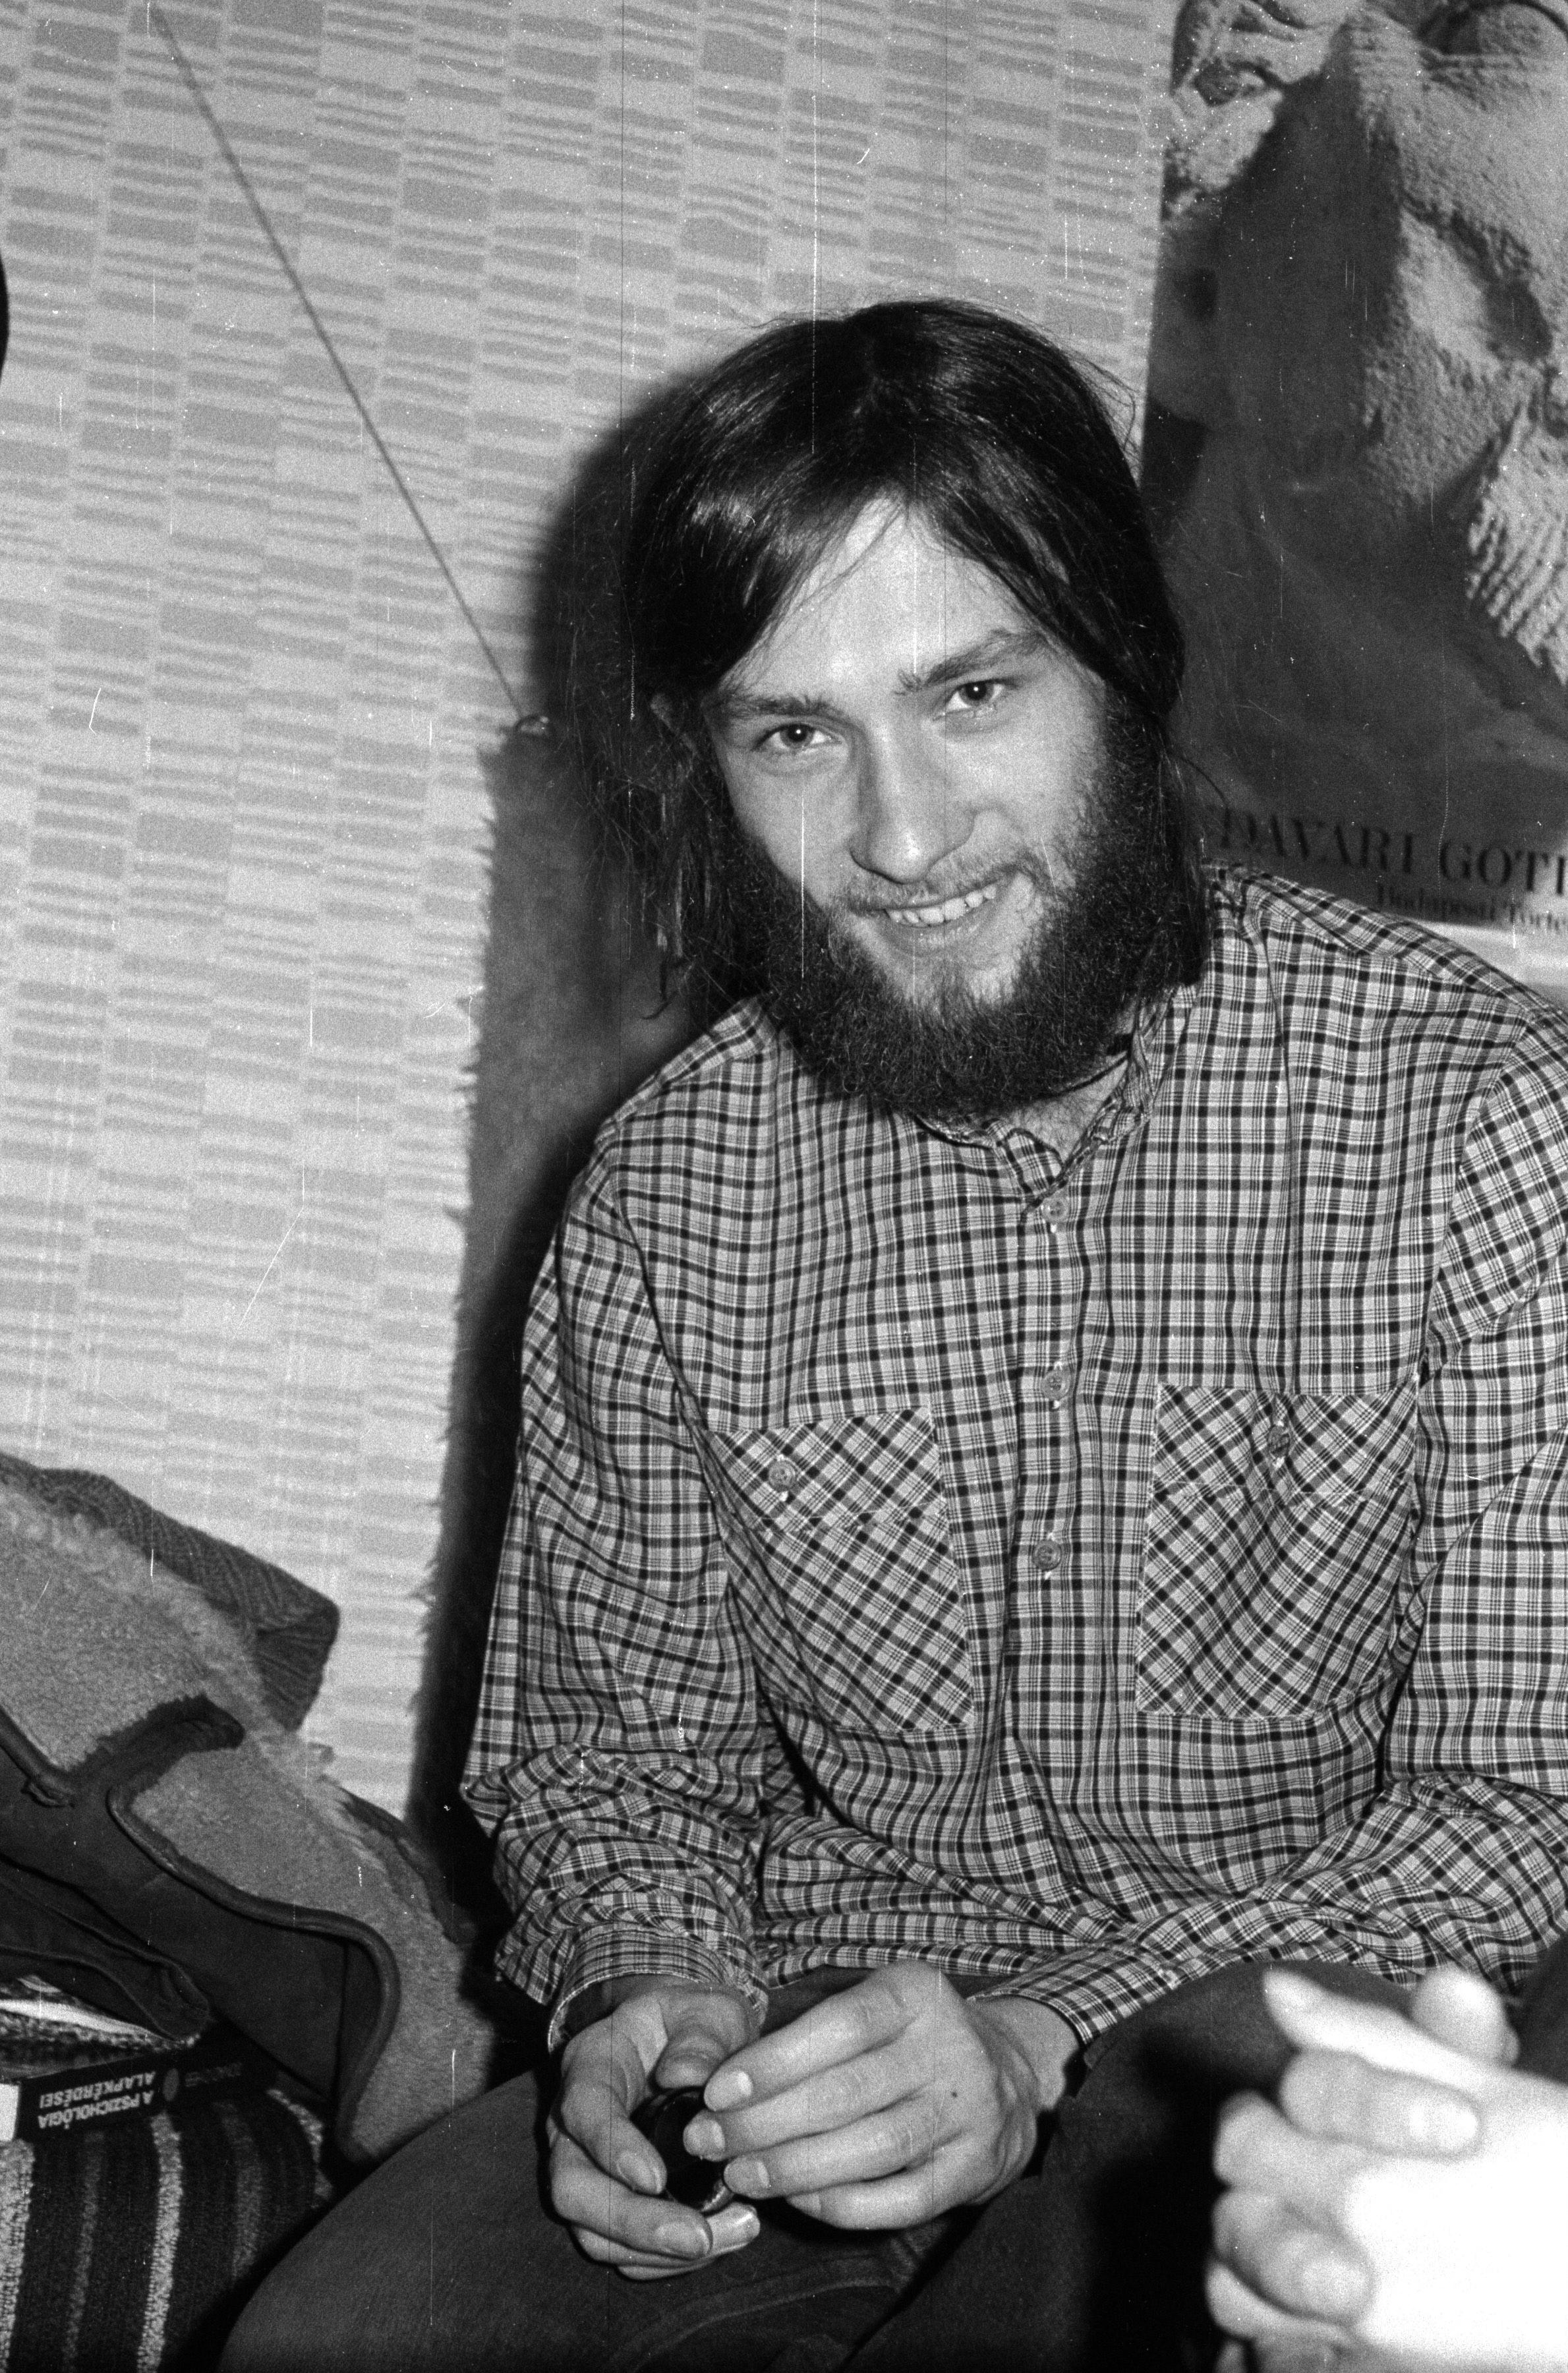 László Kistamás, 1979